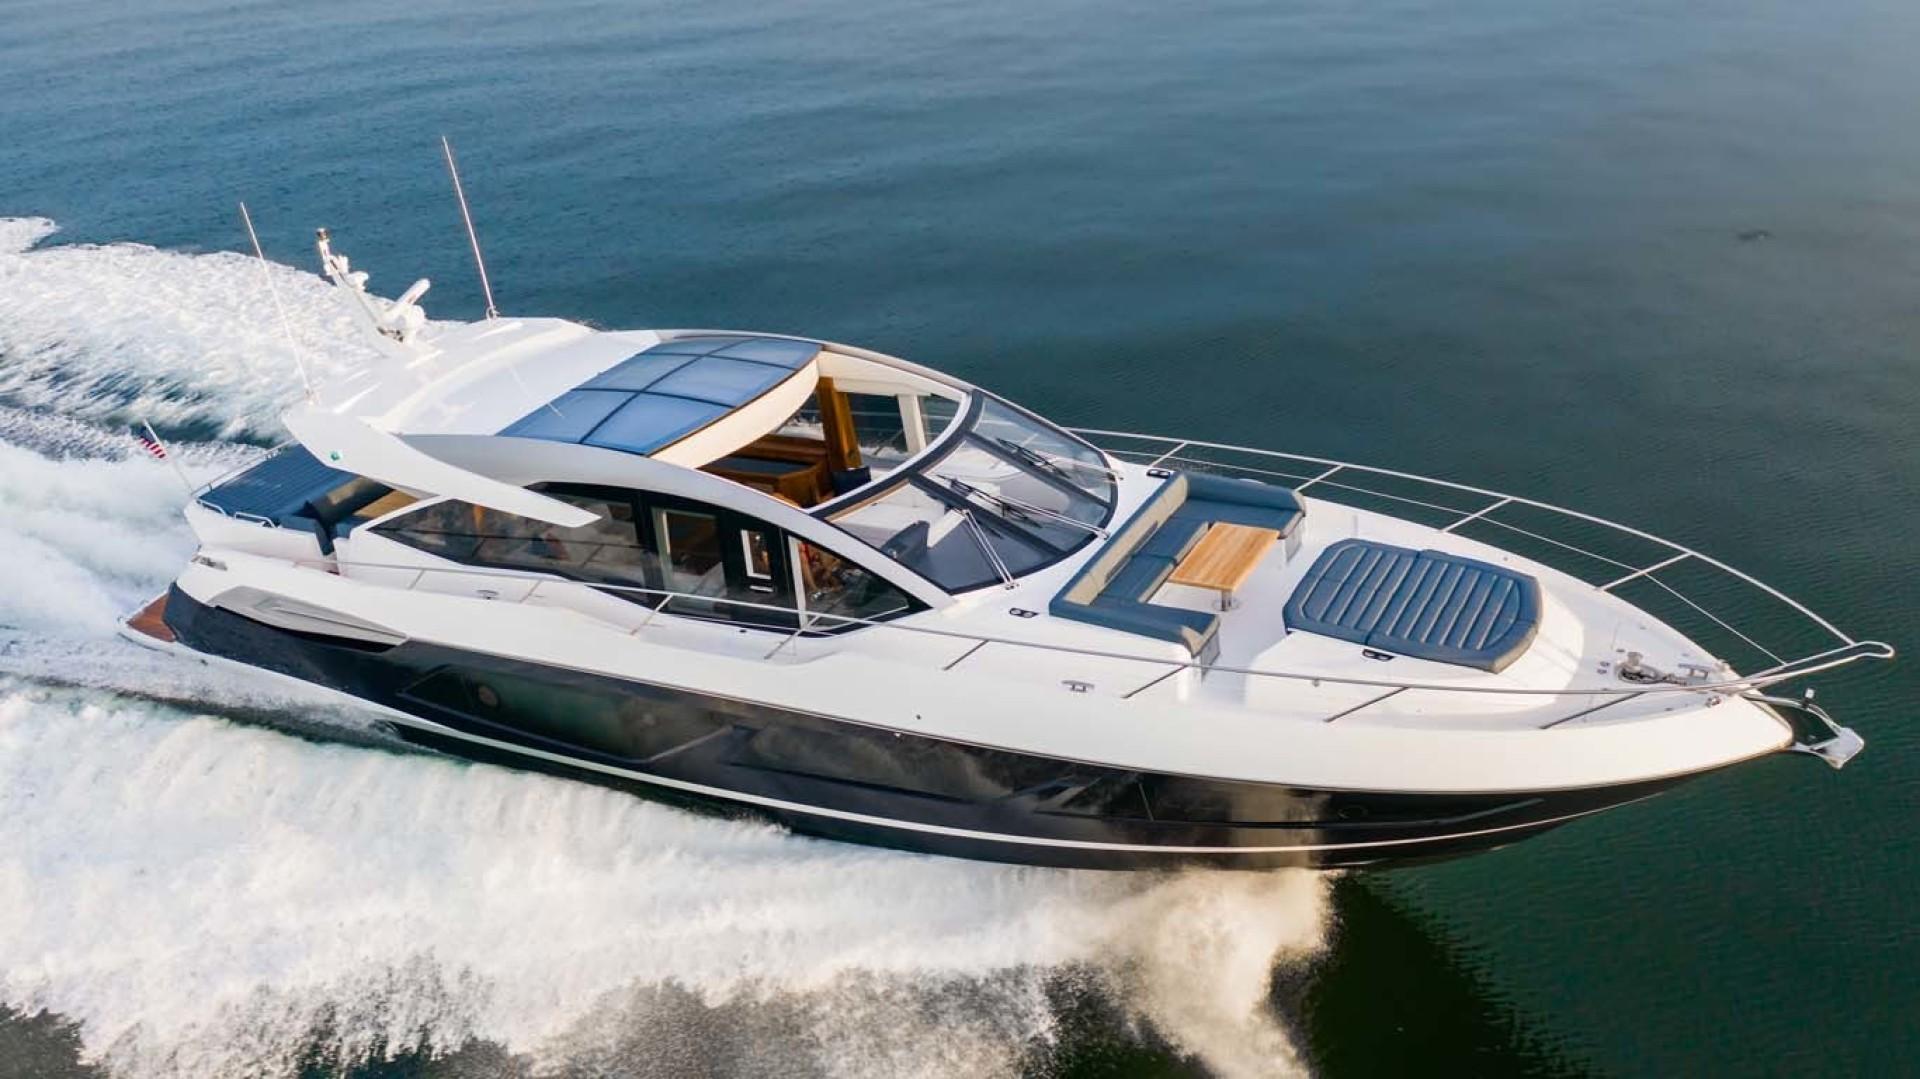 Sunseeker-Predator 2020-WIND@SEA Ft. Lauderdale-Florida-United States Overhead-1457482 | Thumbnail